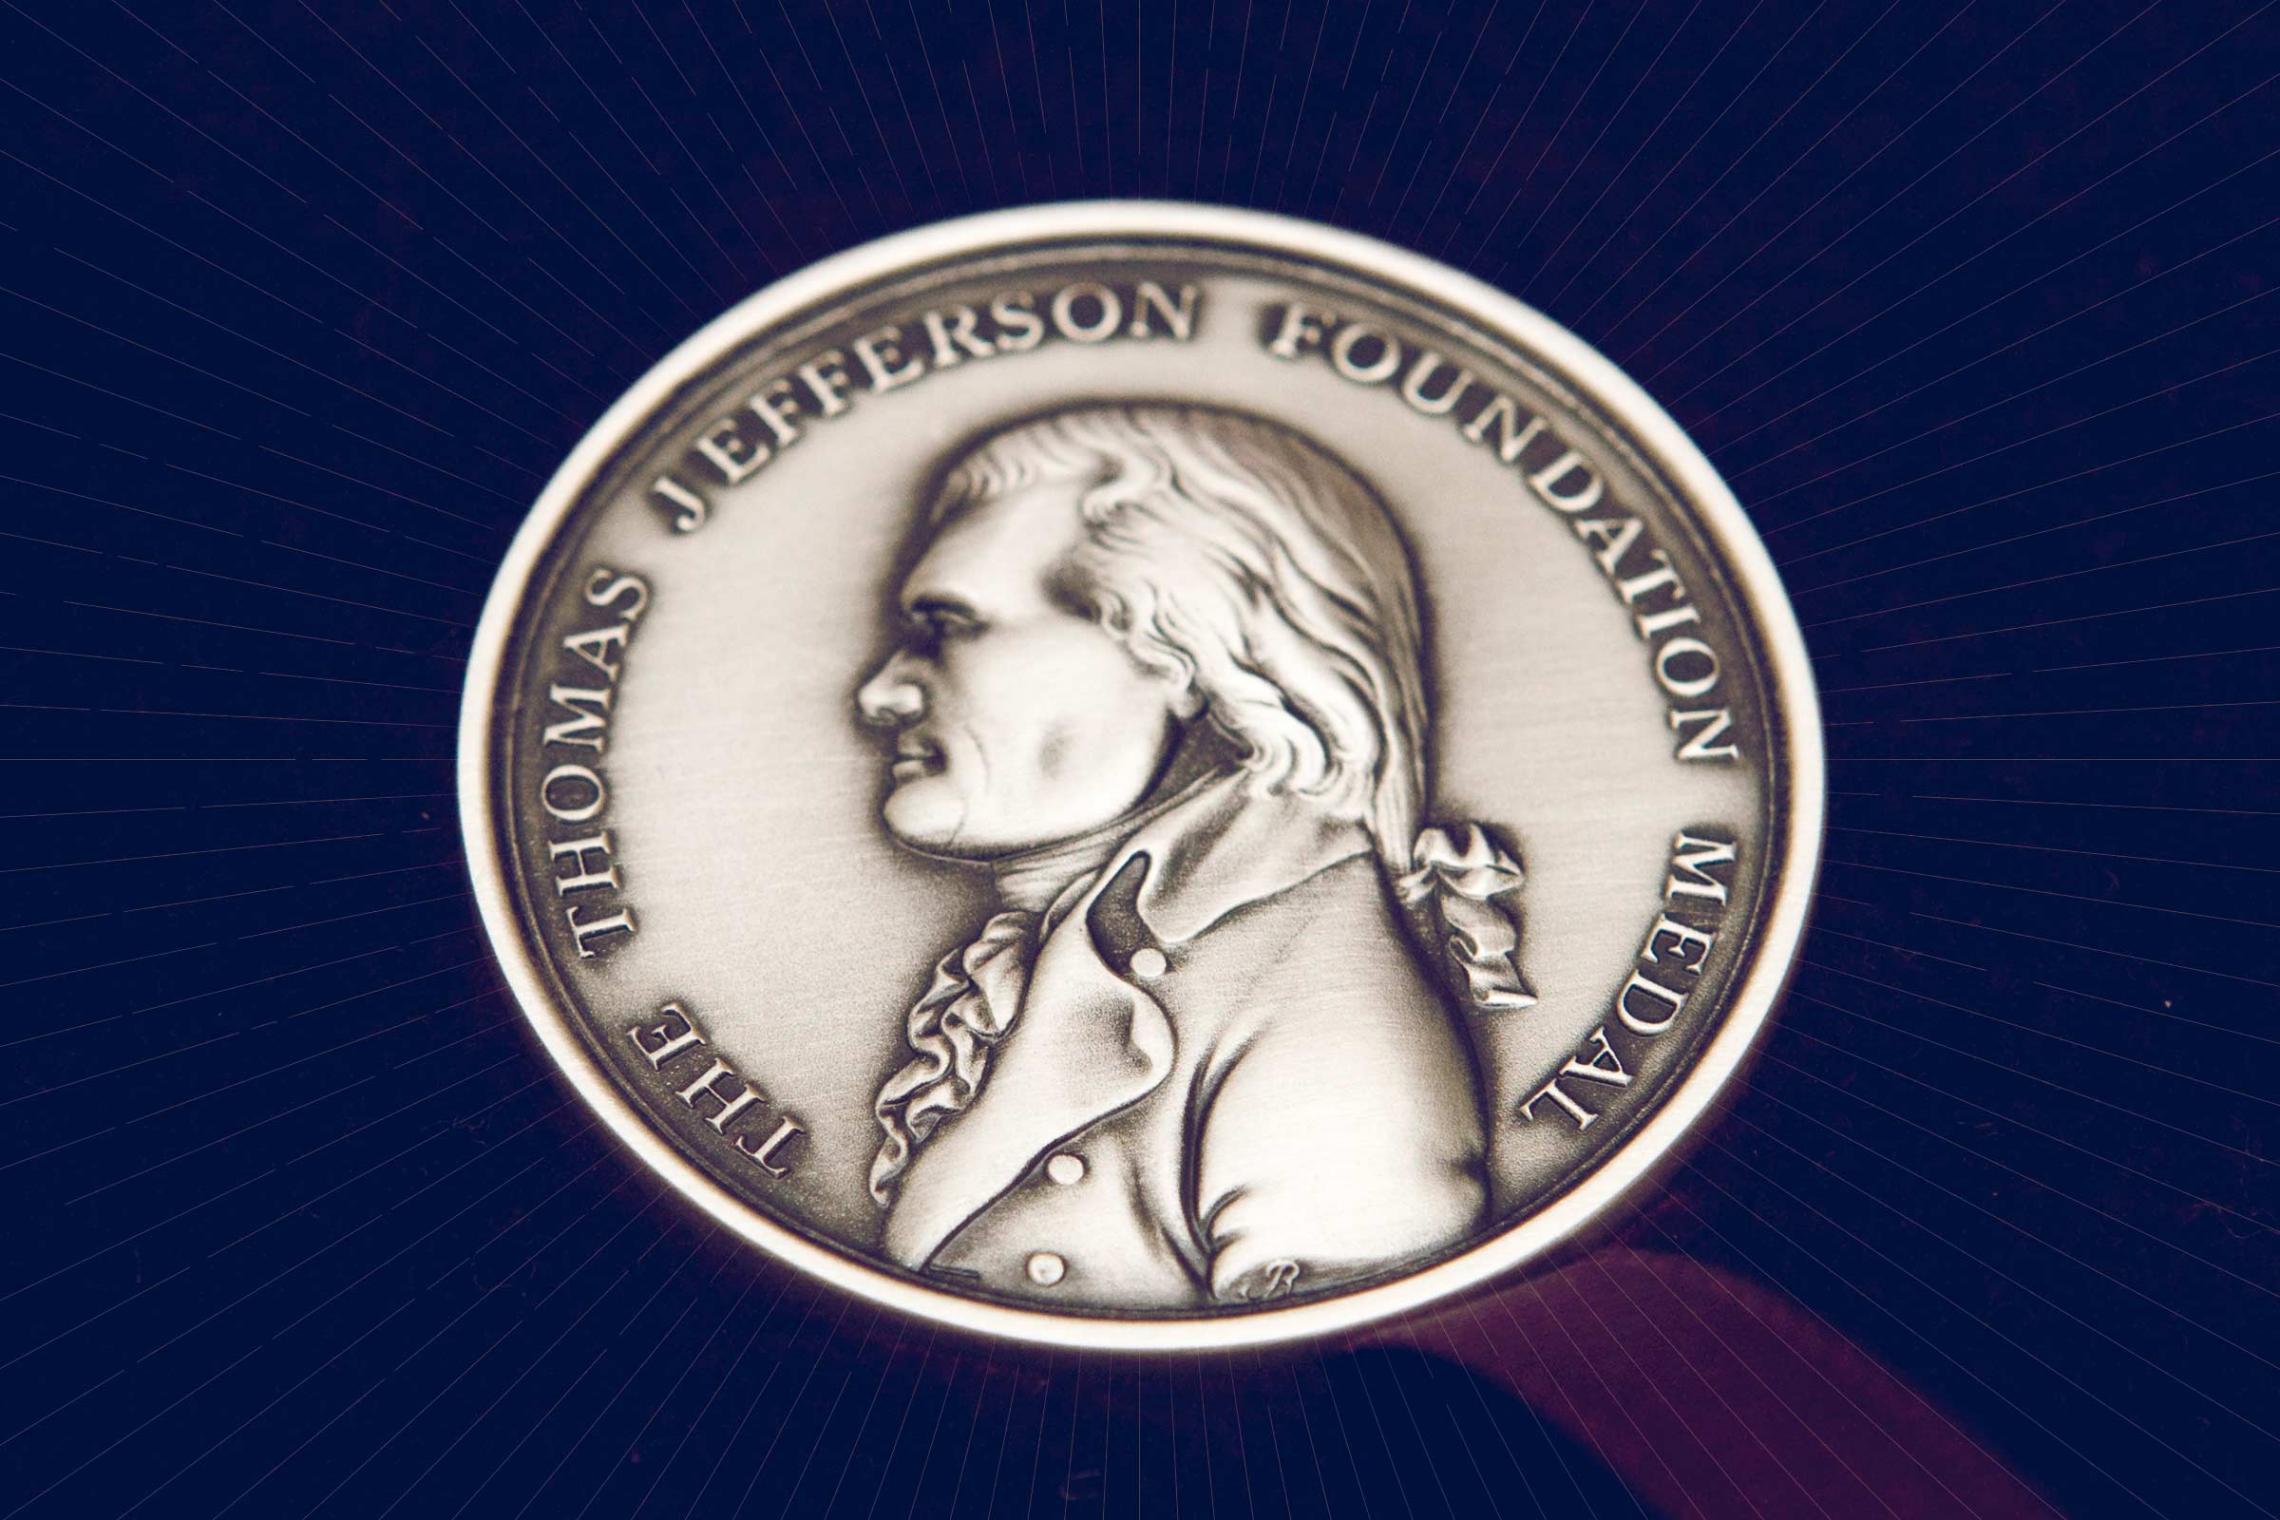 TJF medals